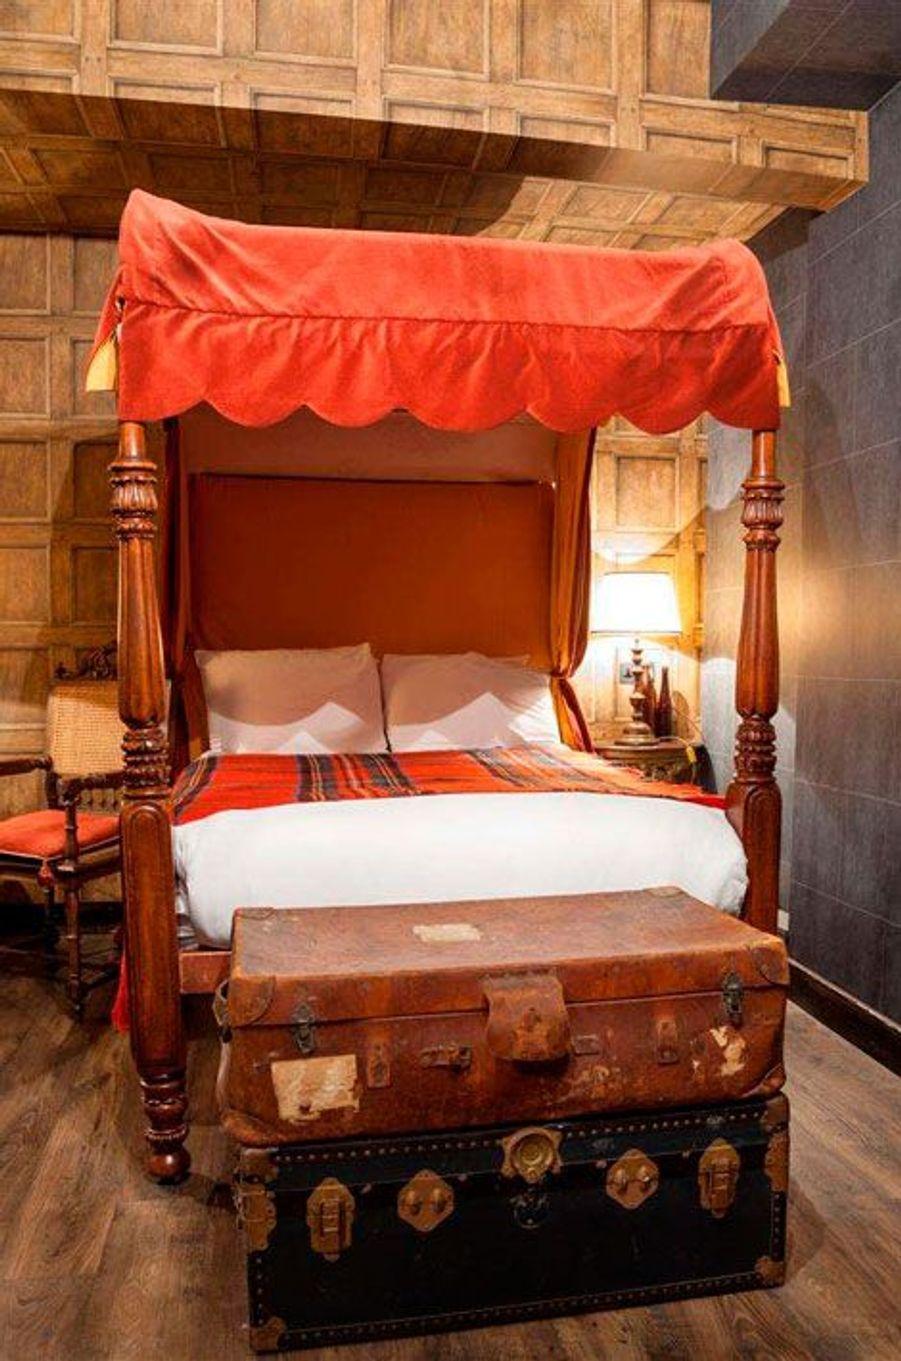 Les dortoirs de Poudlard reconstitués